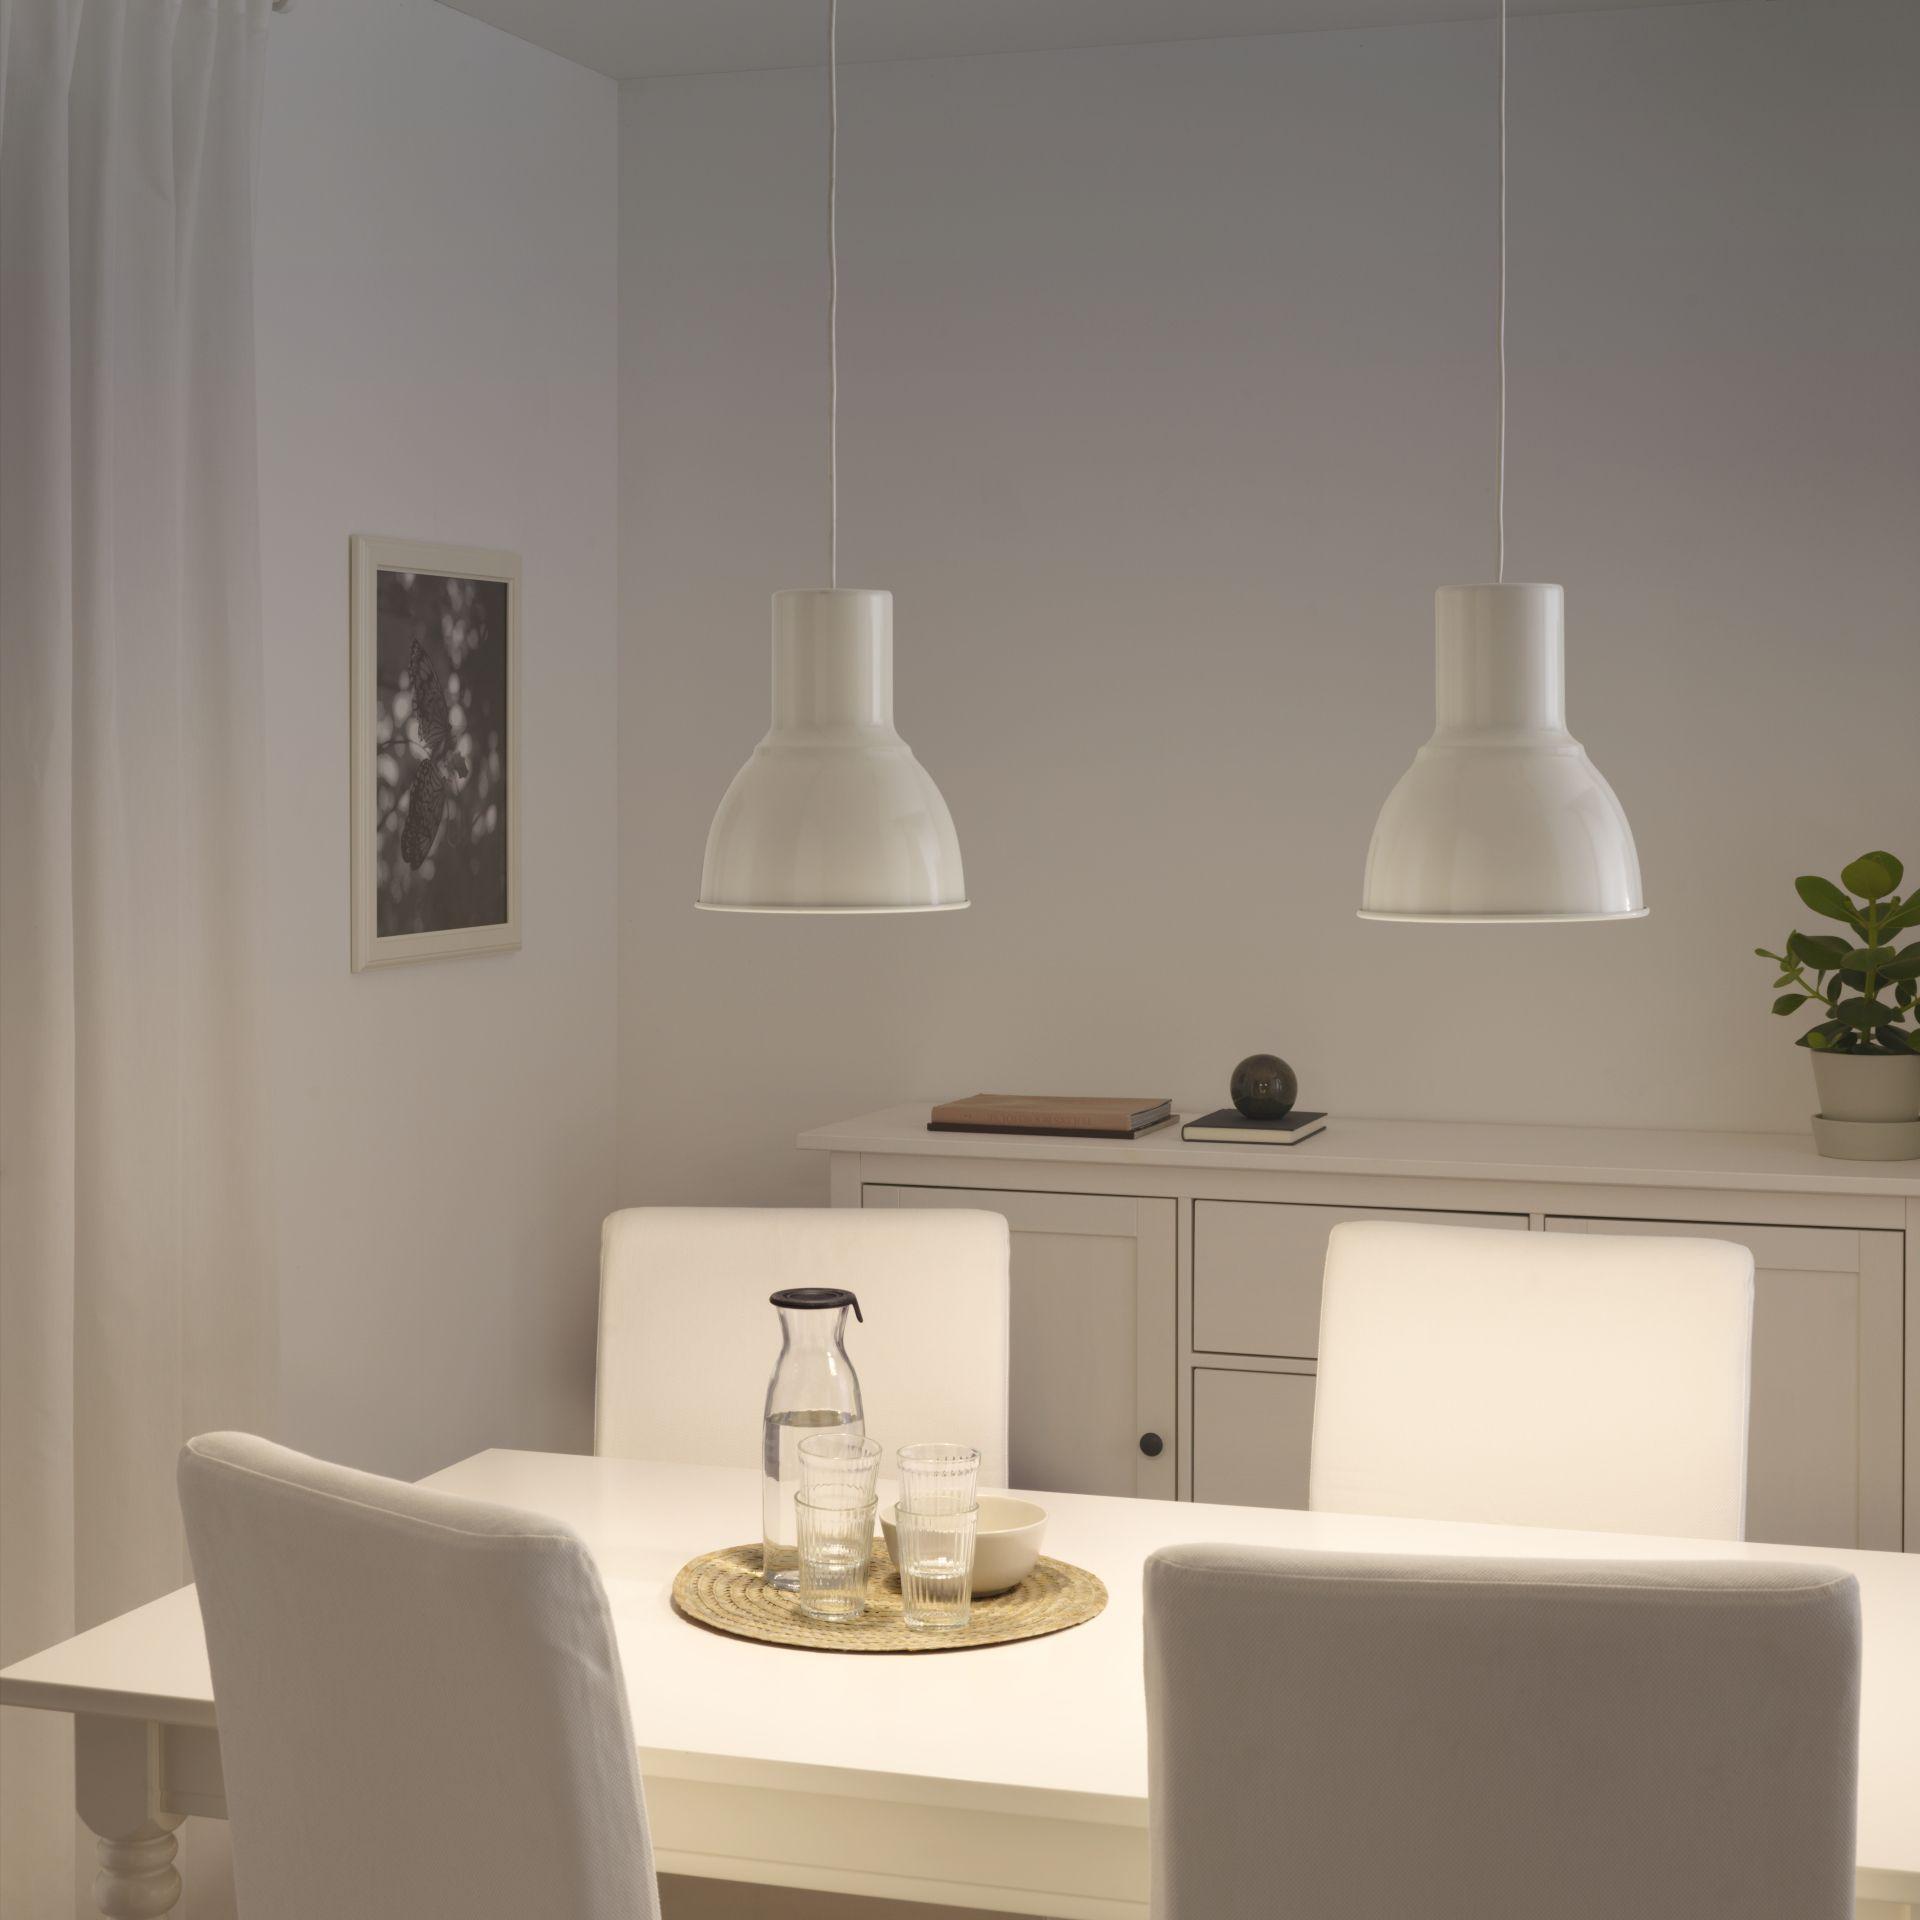 HEKTAR Hanglamp, wit | Home | Pinterest | Catalog